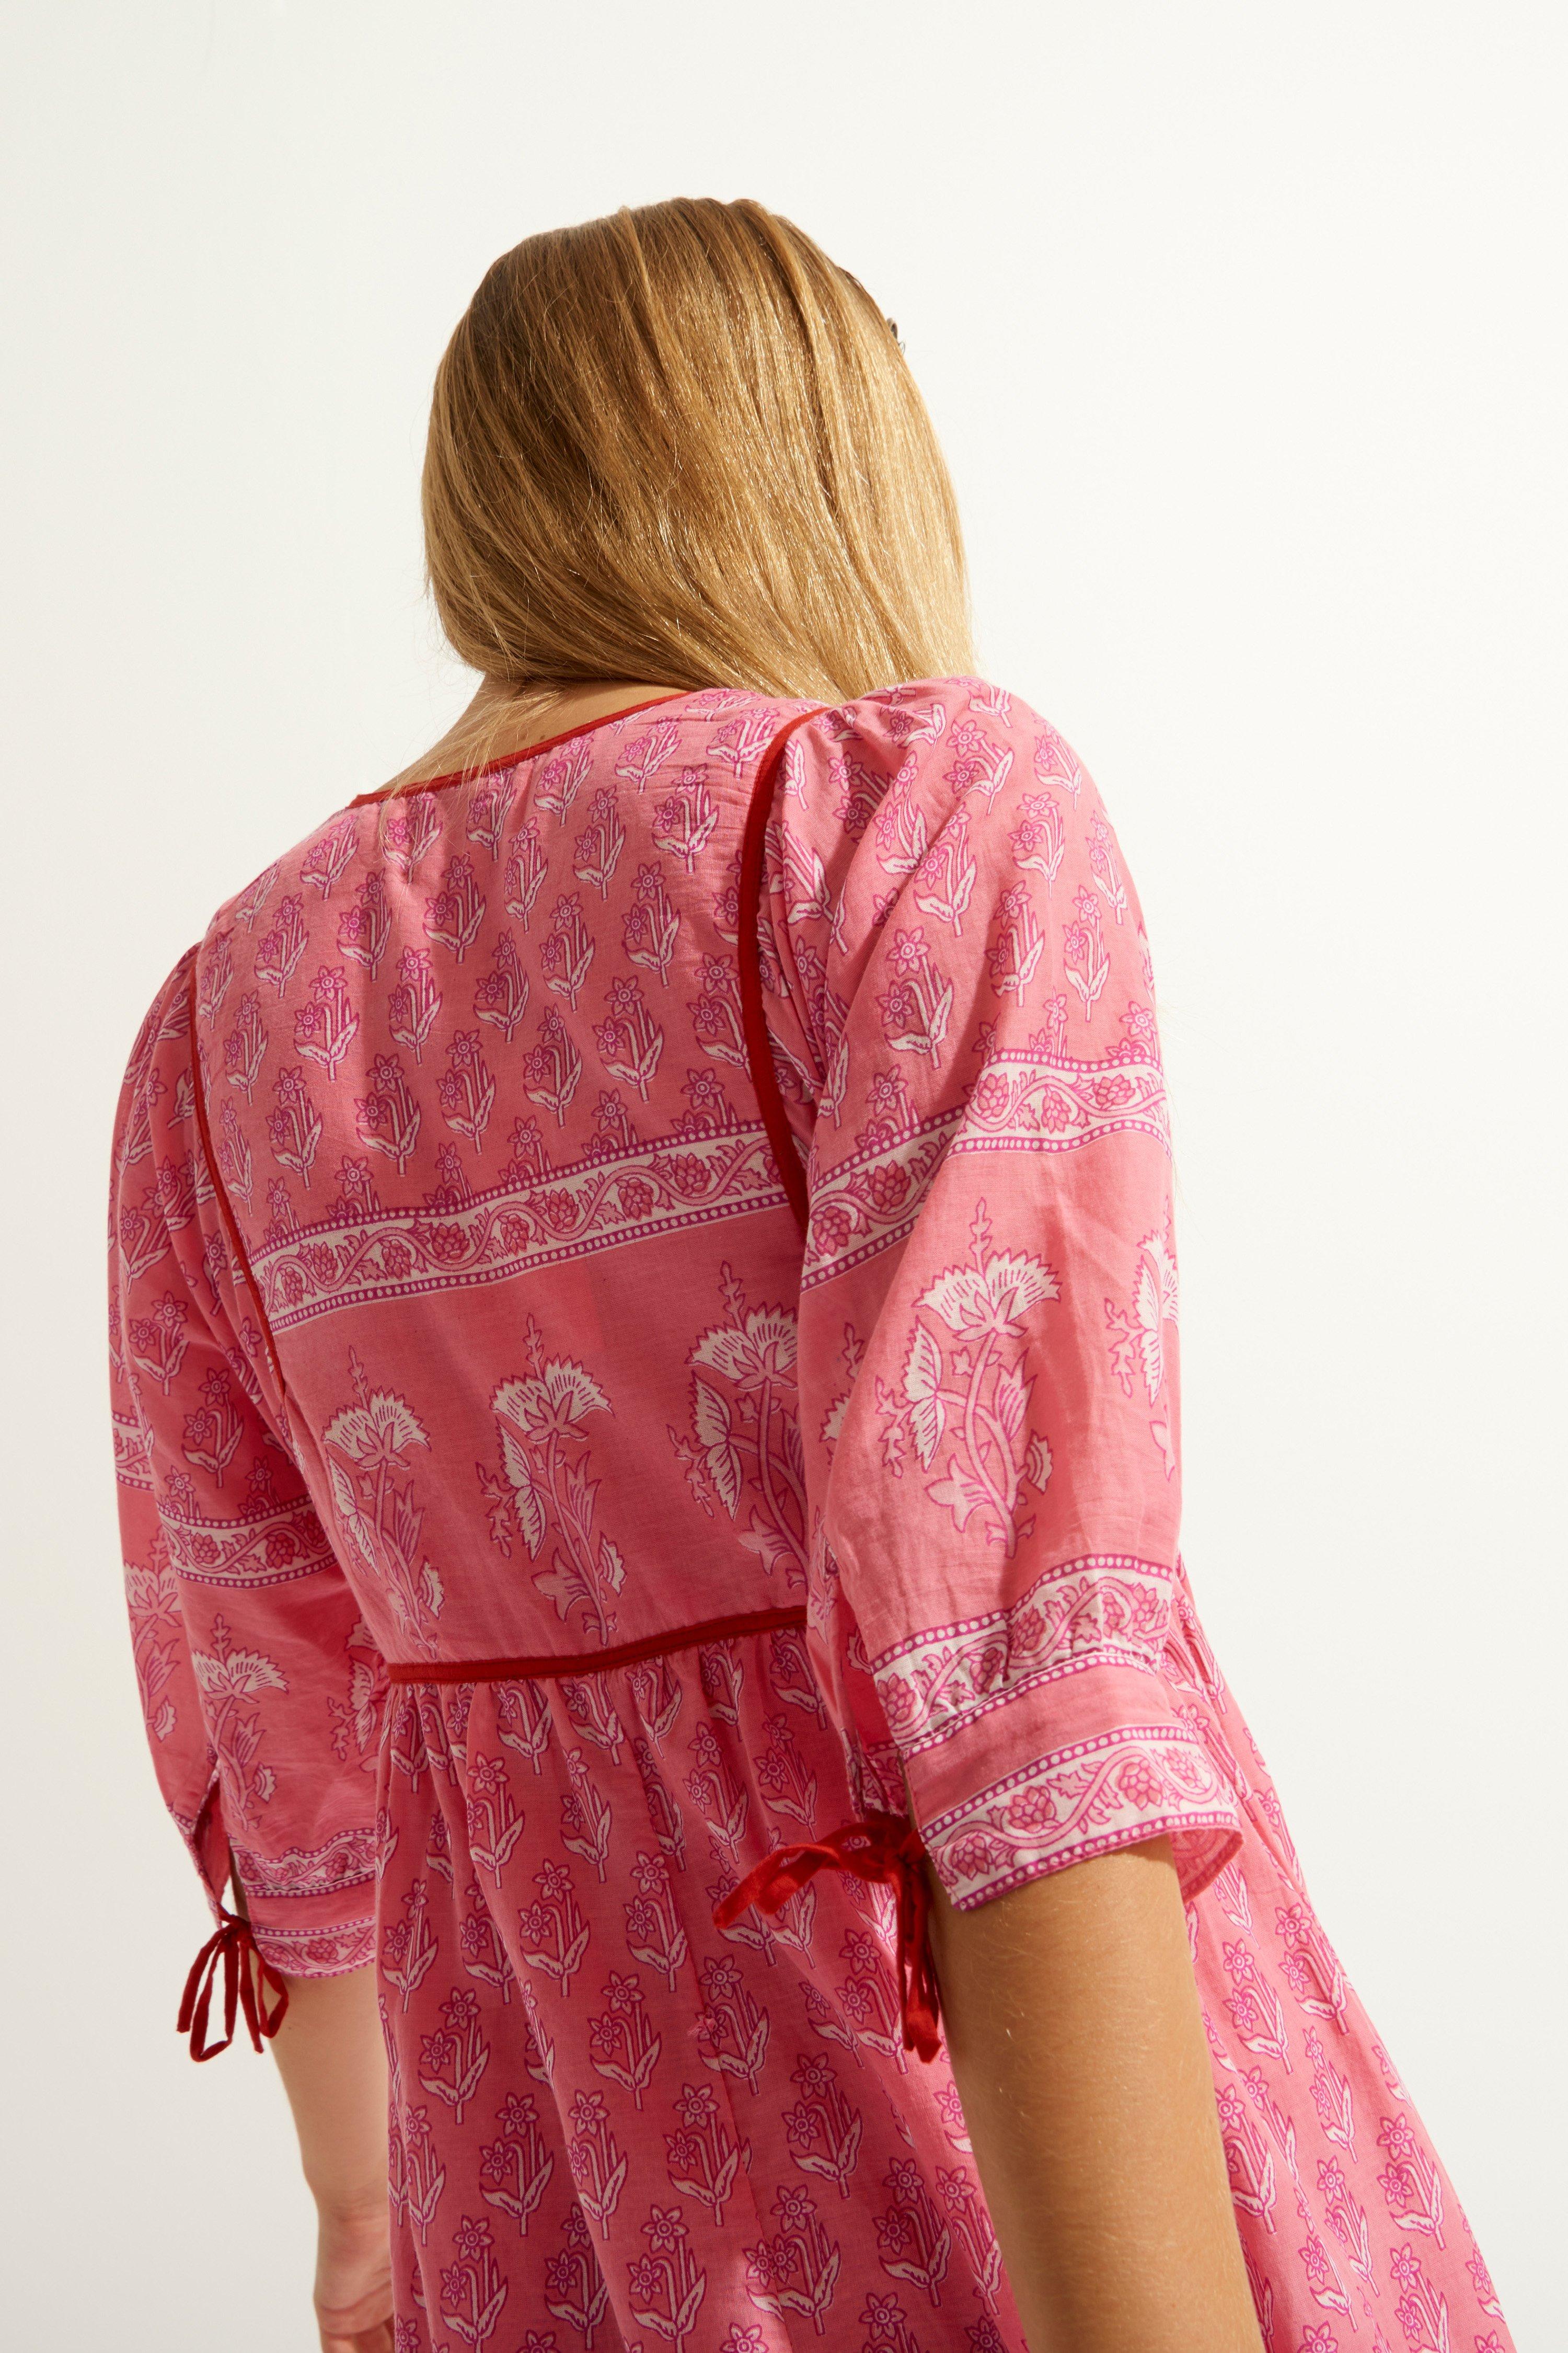 Maxi dress taglio impero uìin voile di cotone rosa ANTIK BATIK | Vestiti | MORI1LDRPINK